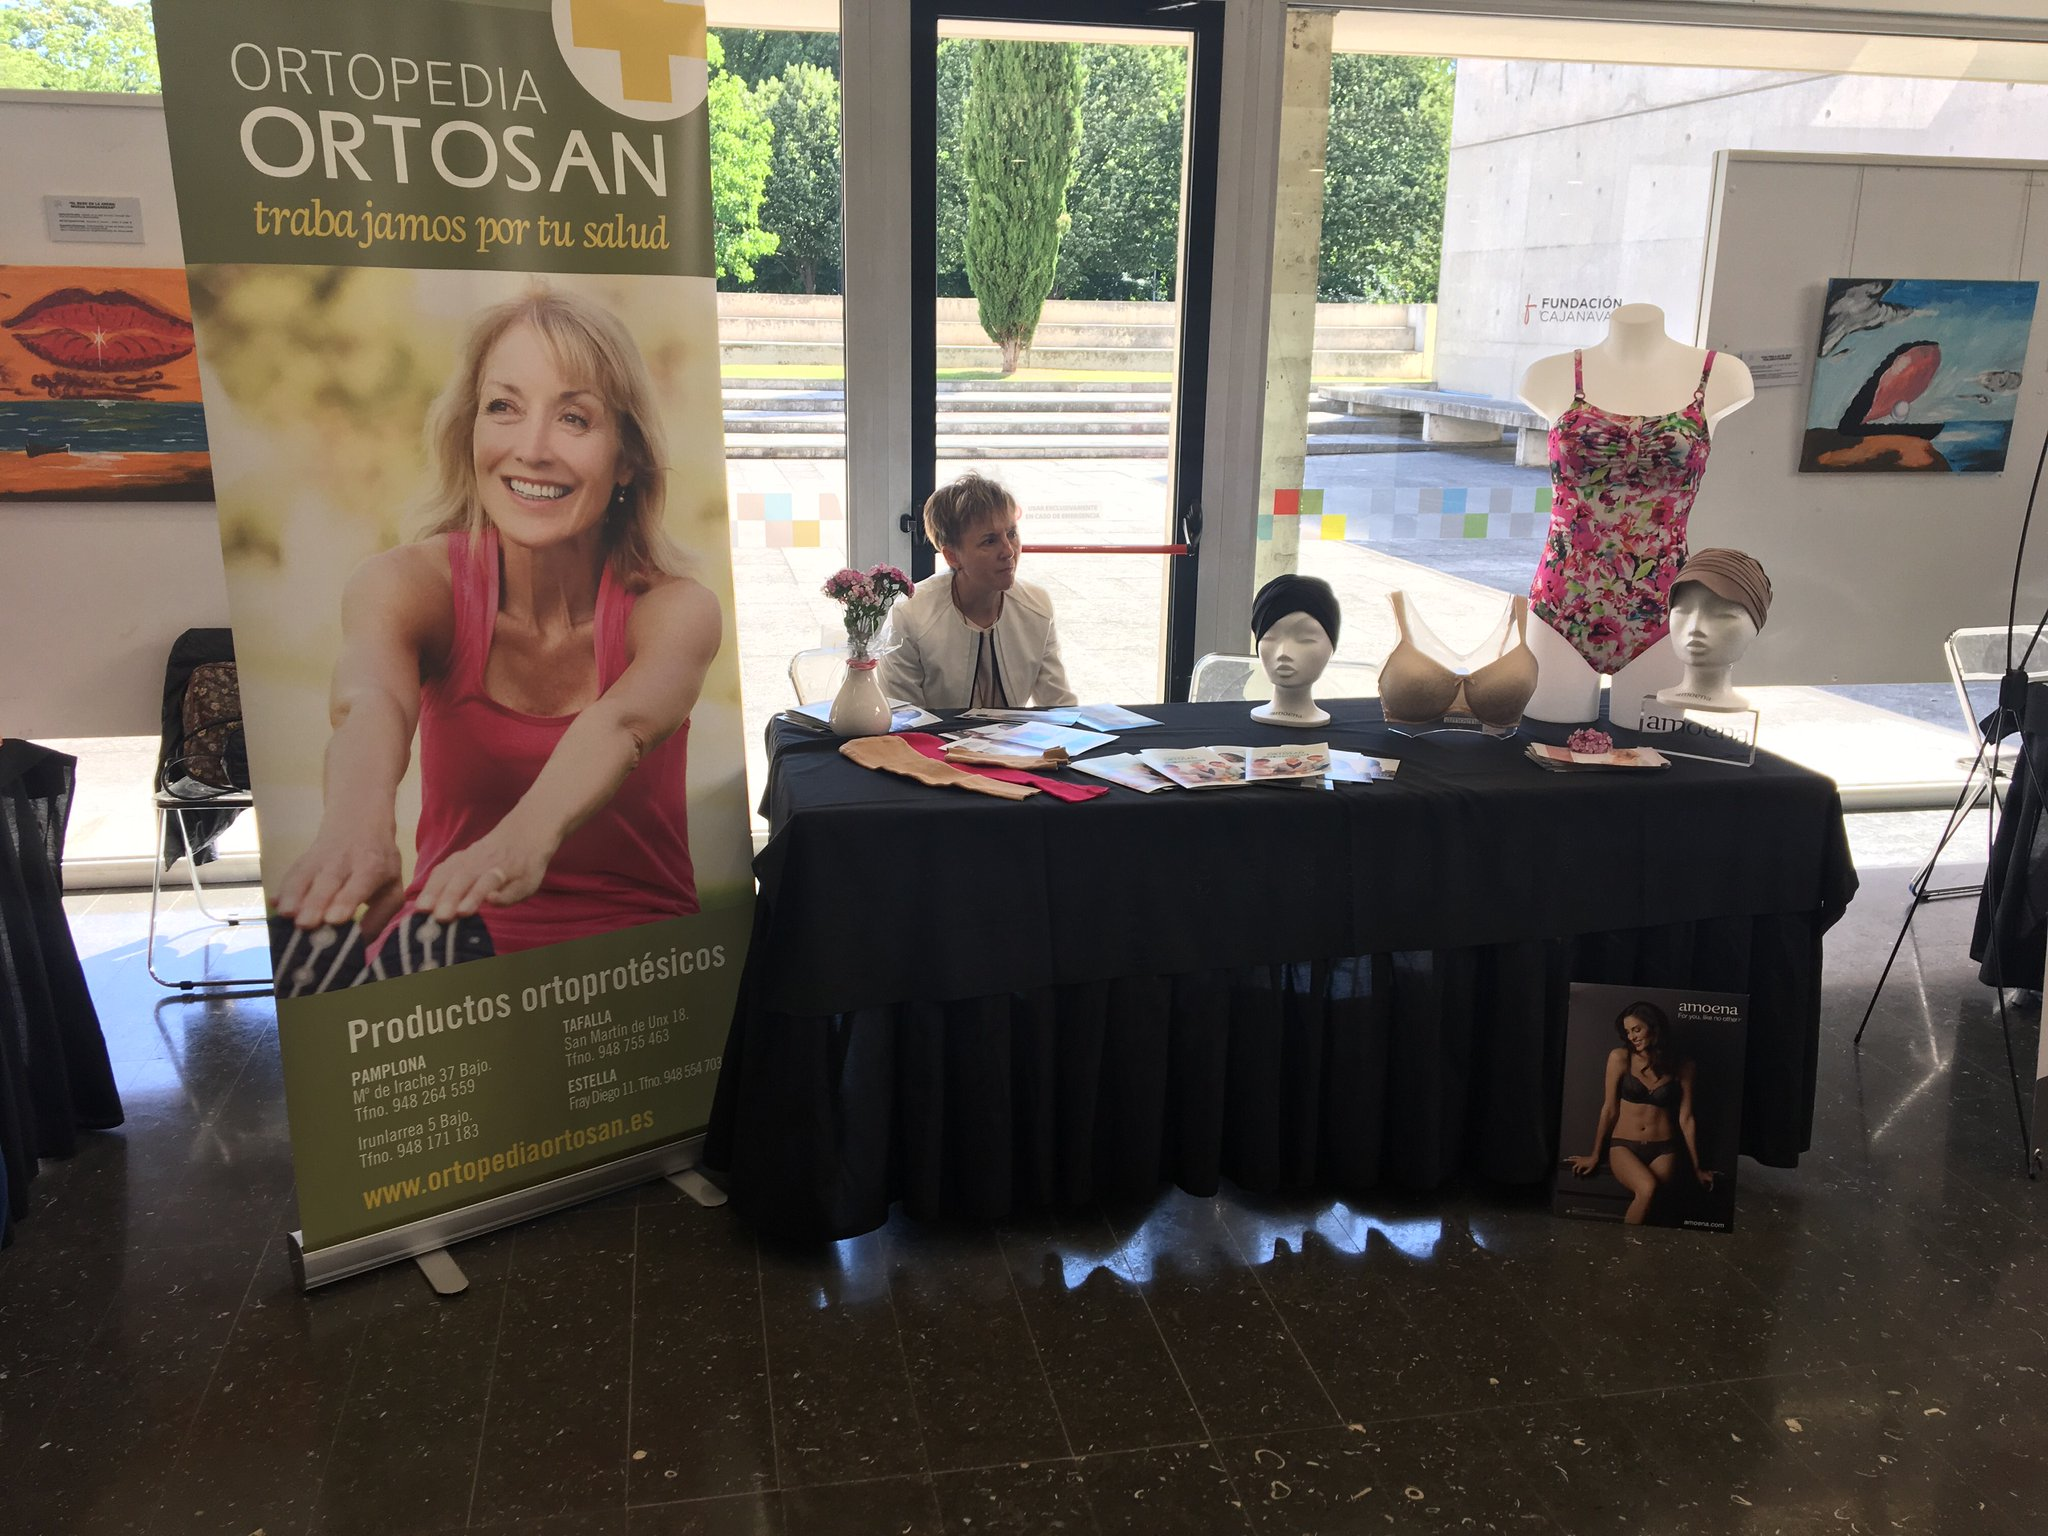 Ortopedía y venta de productos Ortosan. Prótesis mamarias externas, lencería, trajes de baño, etc. #JornadaSaray https://t.co/XdynExpV8l